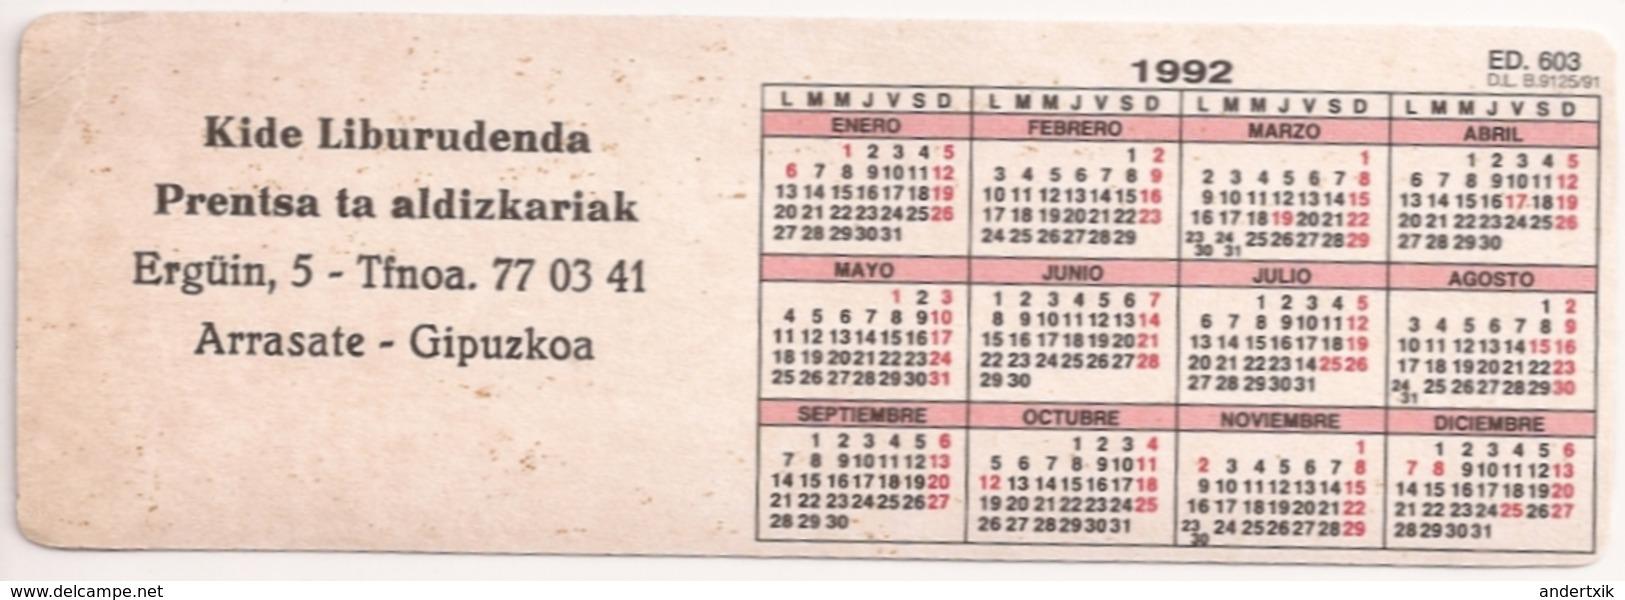 Calendario De Bolsillo, 1992, Alargado, SKI - Tamaño Pequeño : 1991-00